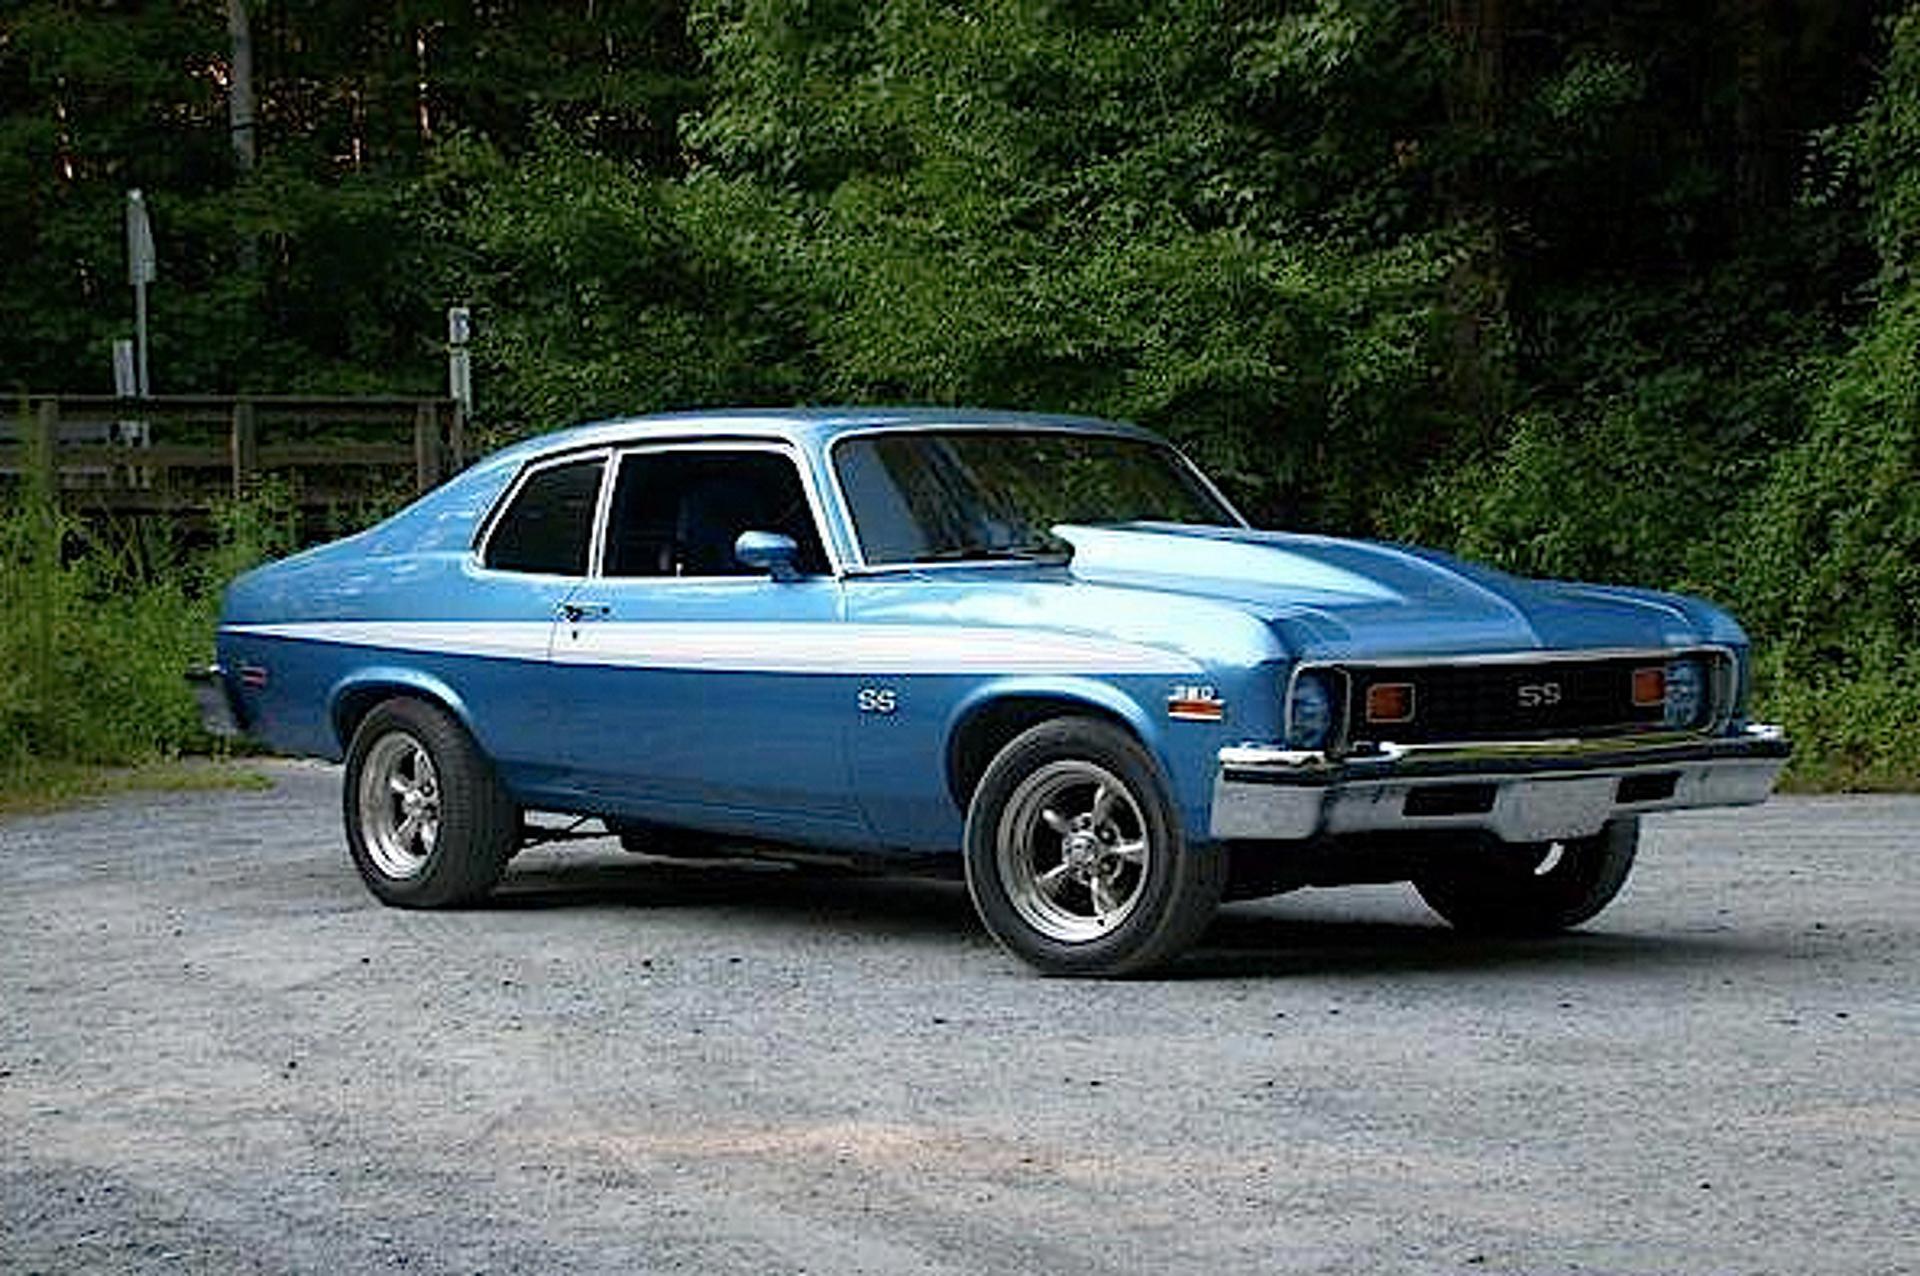 Your Ride: 1973 Chevrolet Nova SS